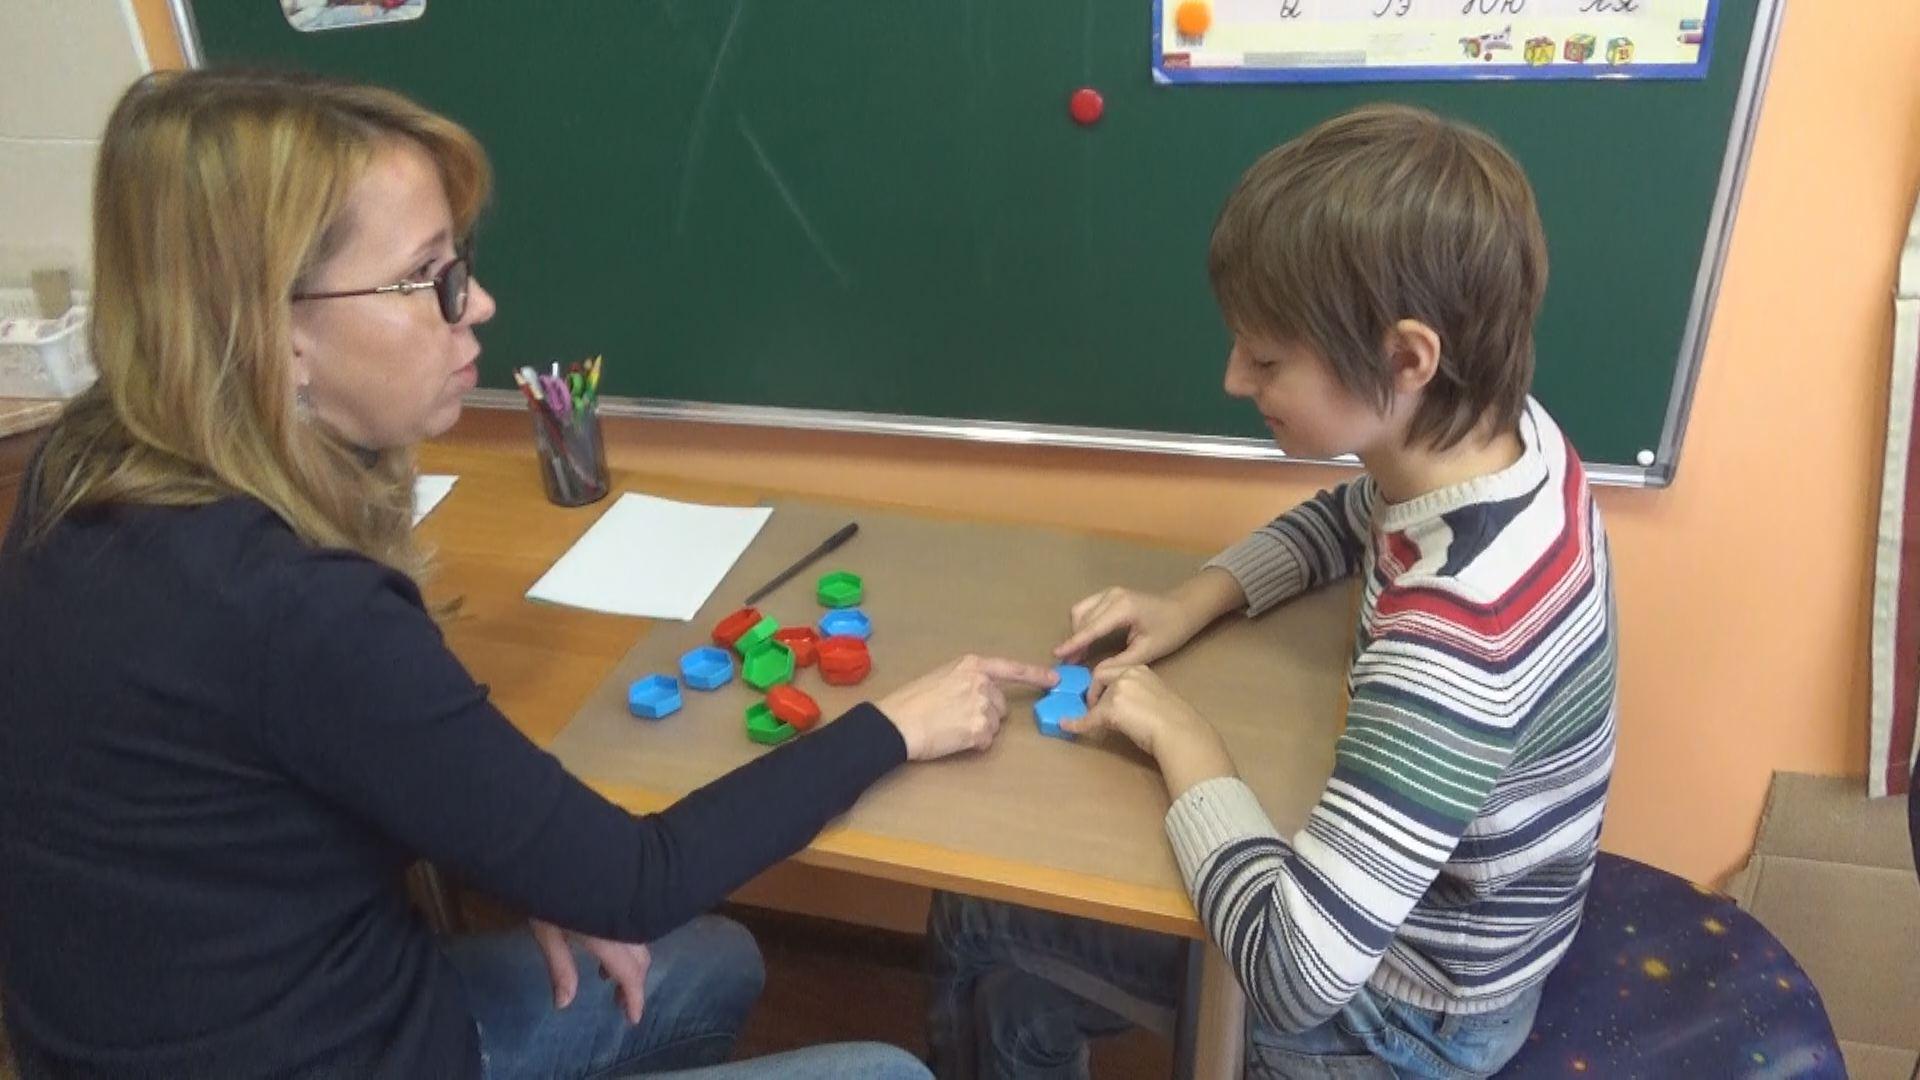 Работа логопеда с детьми в школе